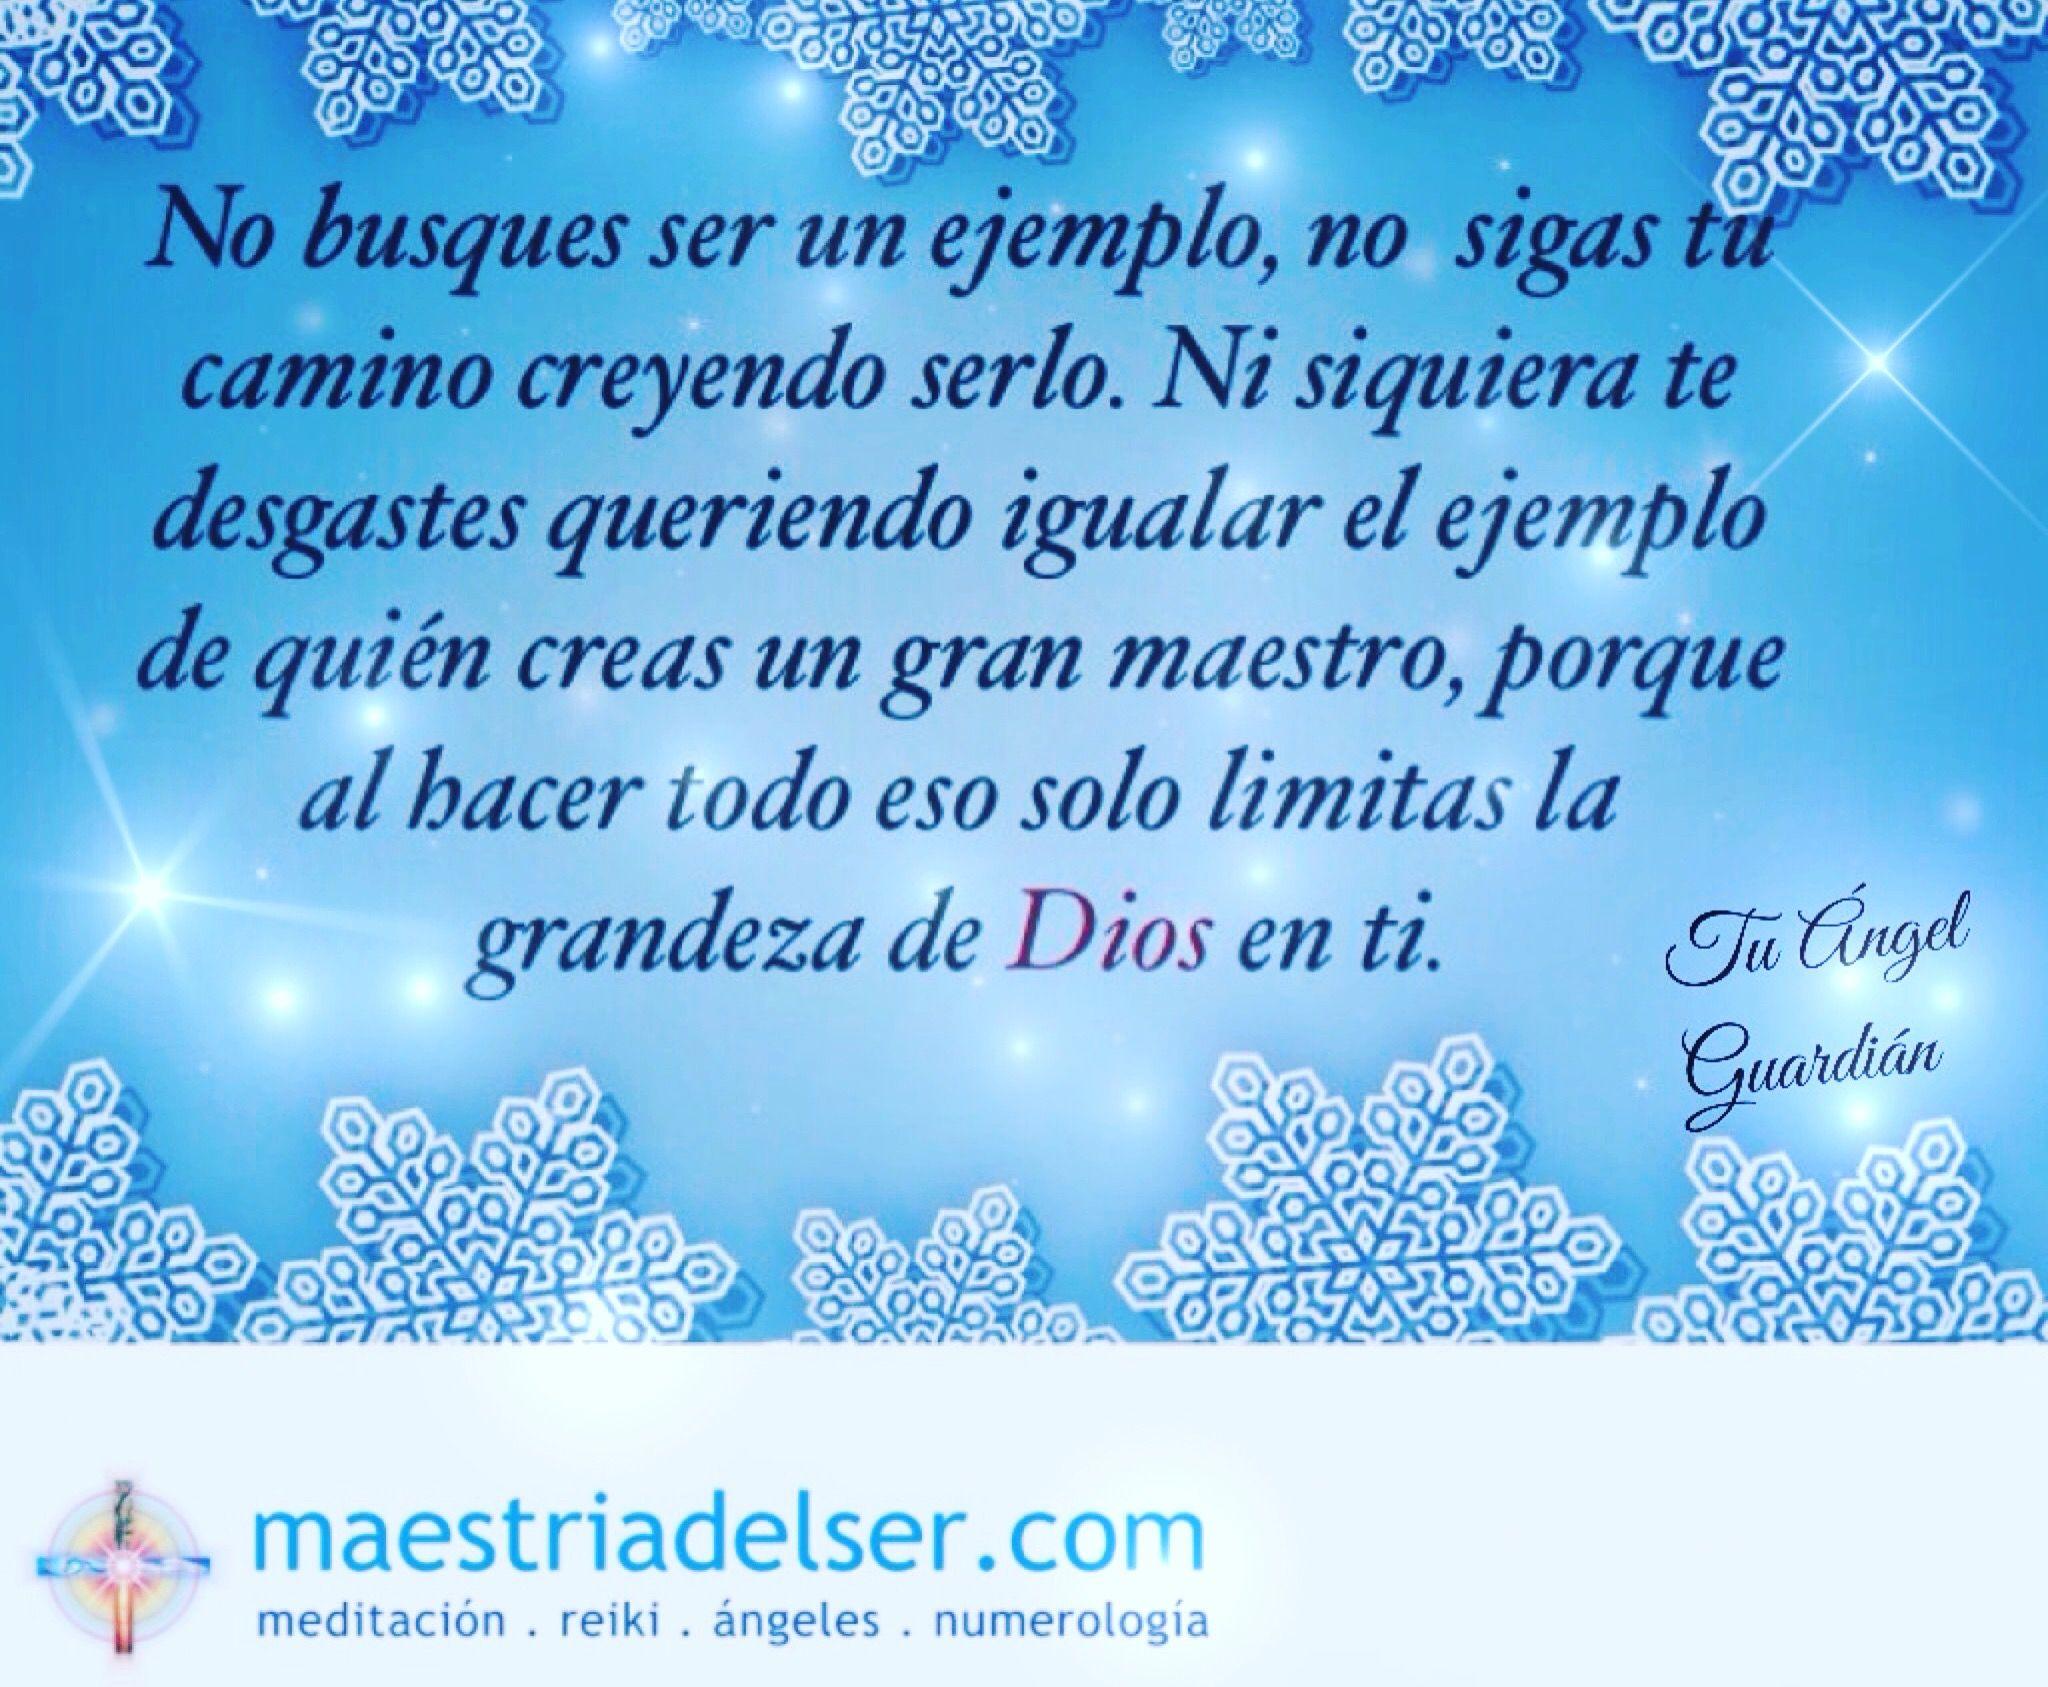 #ejemplo #maestro #grandeza #maestriadelser #dios #diosenti #conciencia #sabiduría